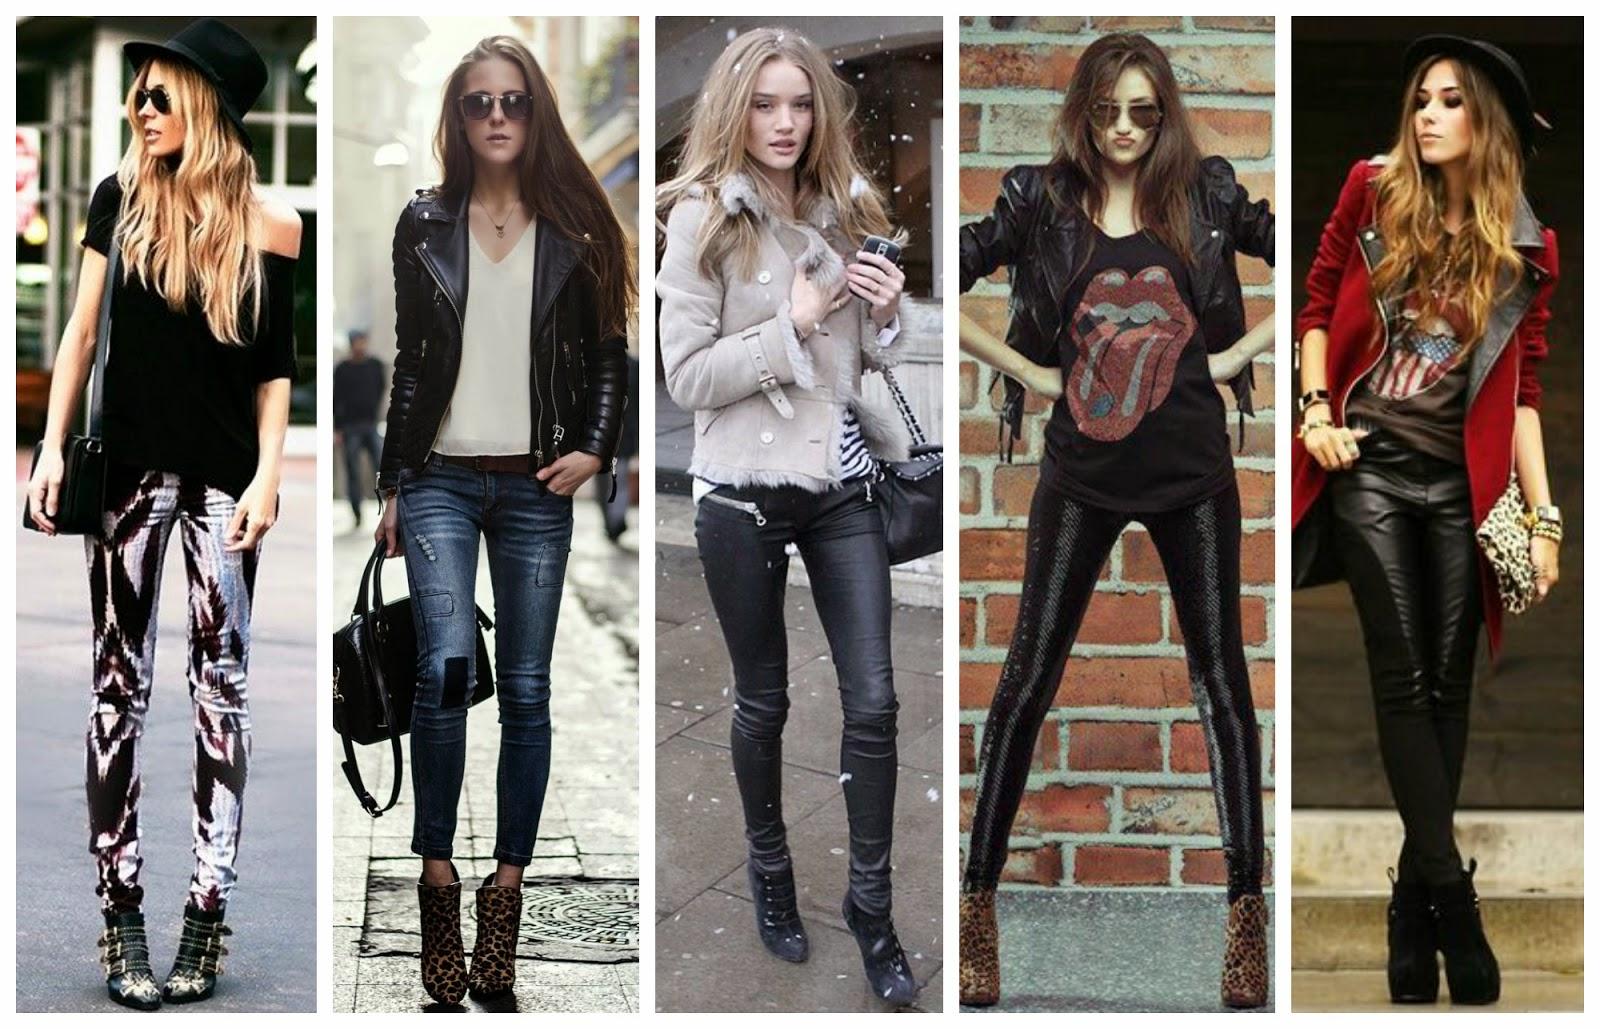 Glamorous Rock Fashion Images